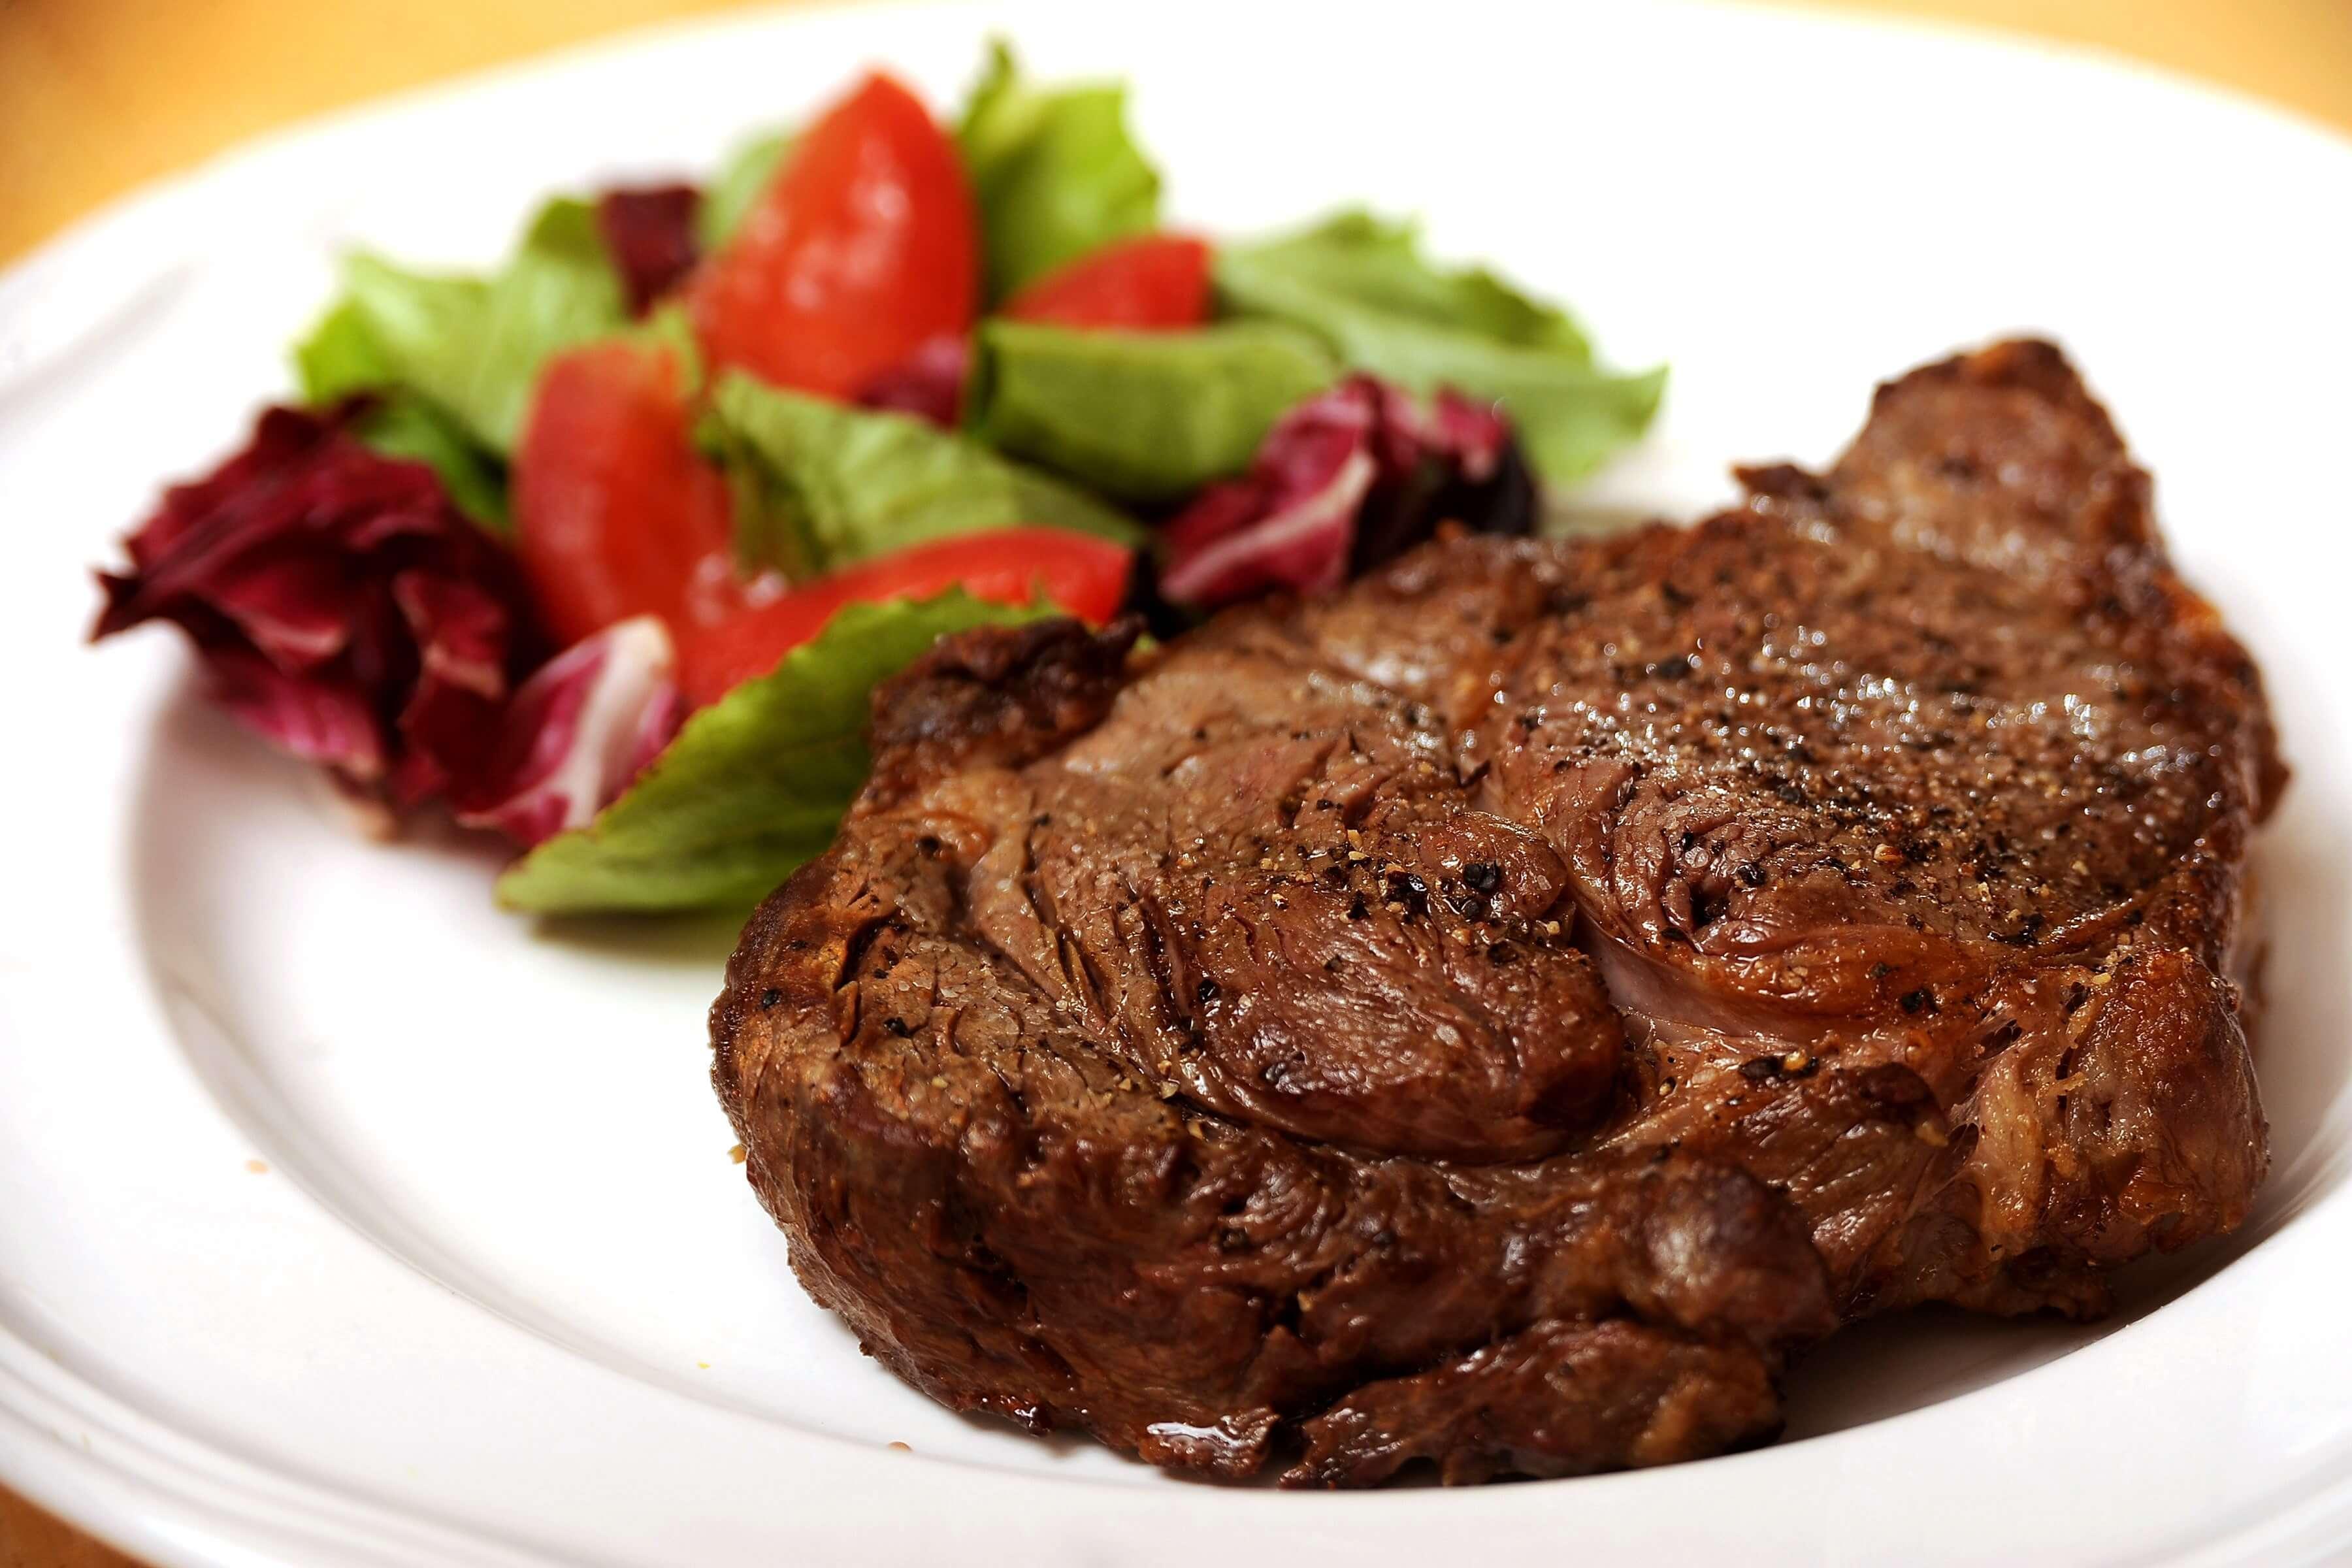 Beef Steak Pictures